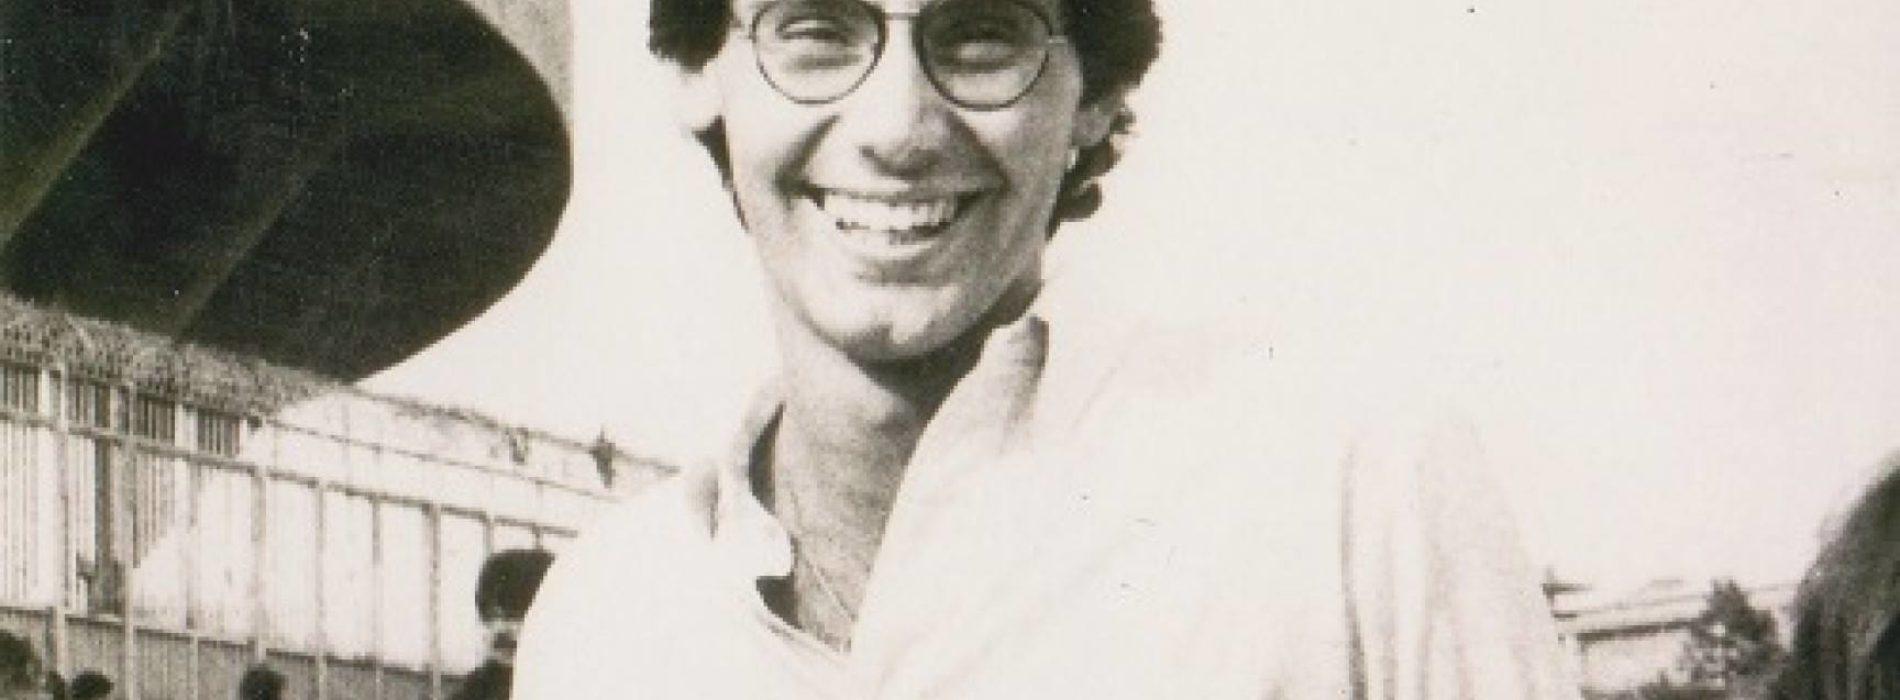 Giancarlo Siani: una vita per il giornalismo